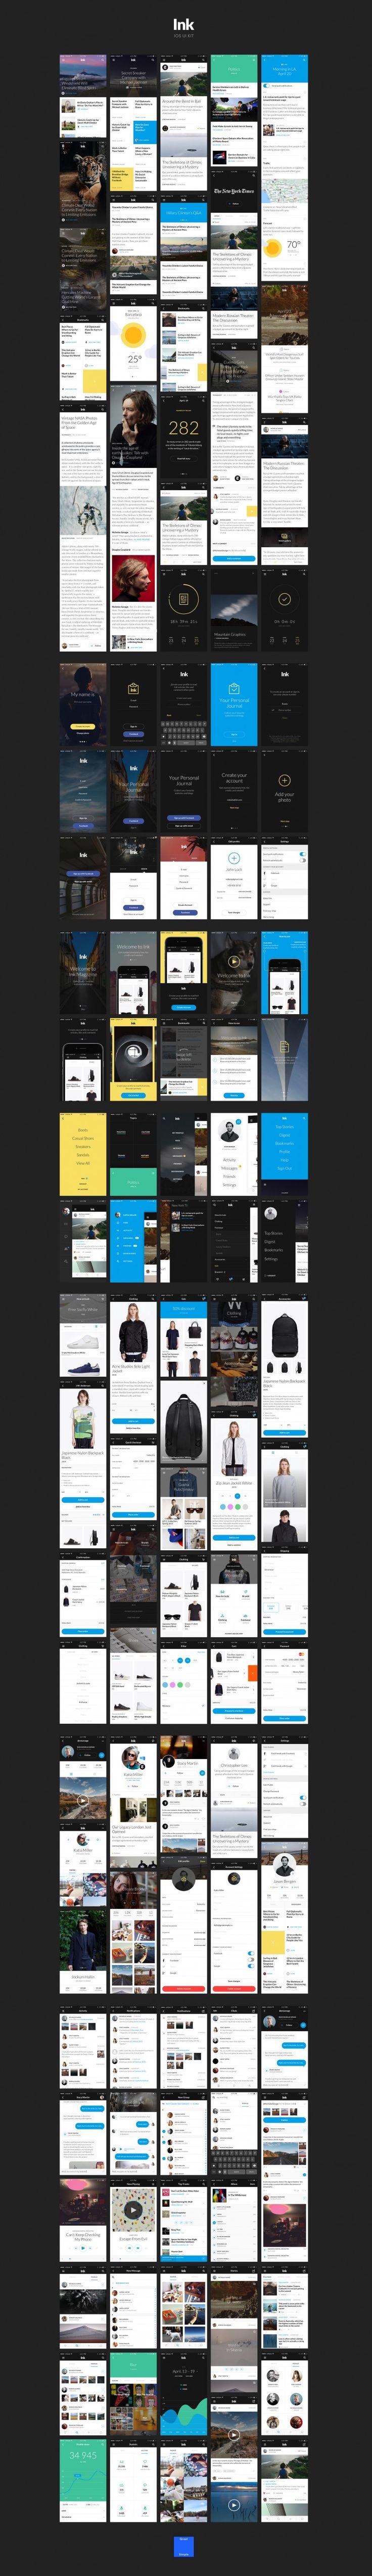 Ink UI Kit – 120 iOS screens